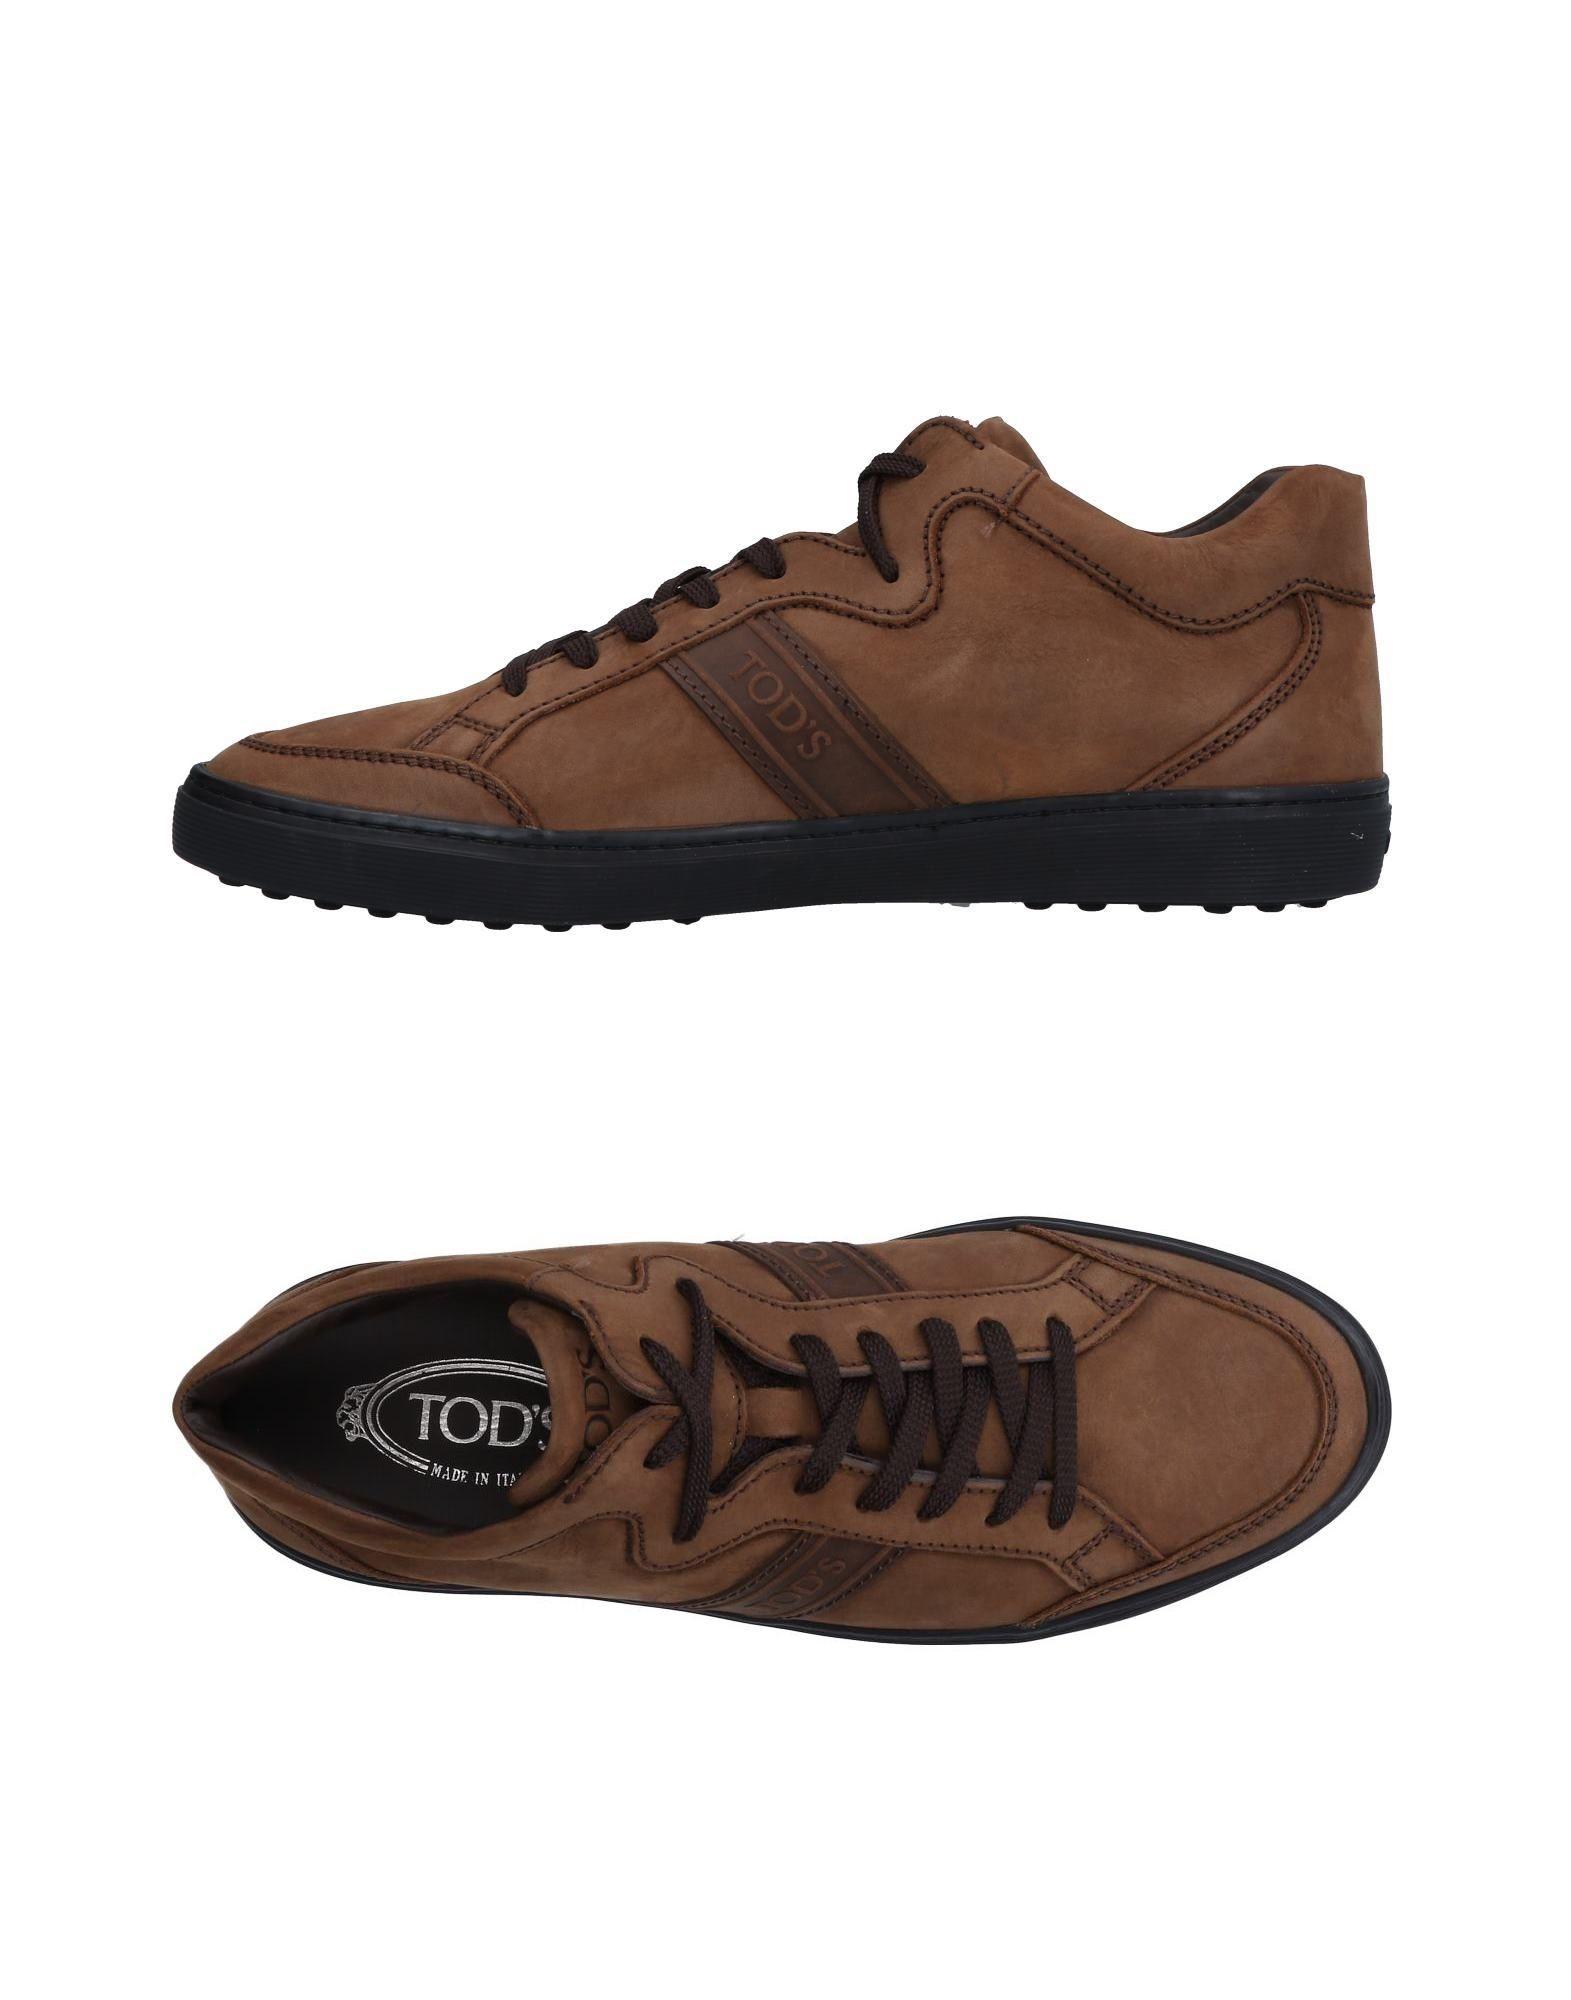 Moda Sneakers Tod's Uomo - 11511814XI